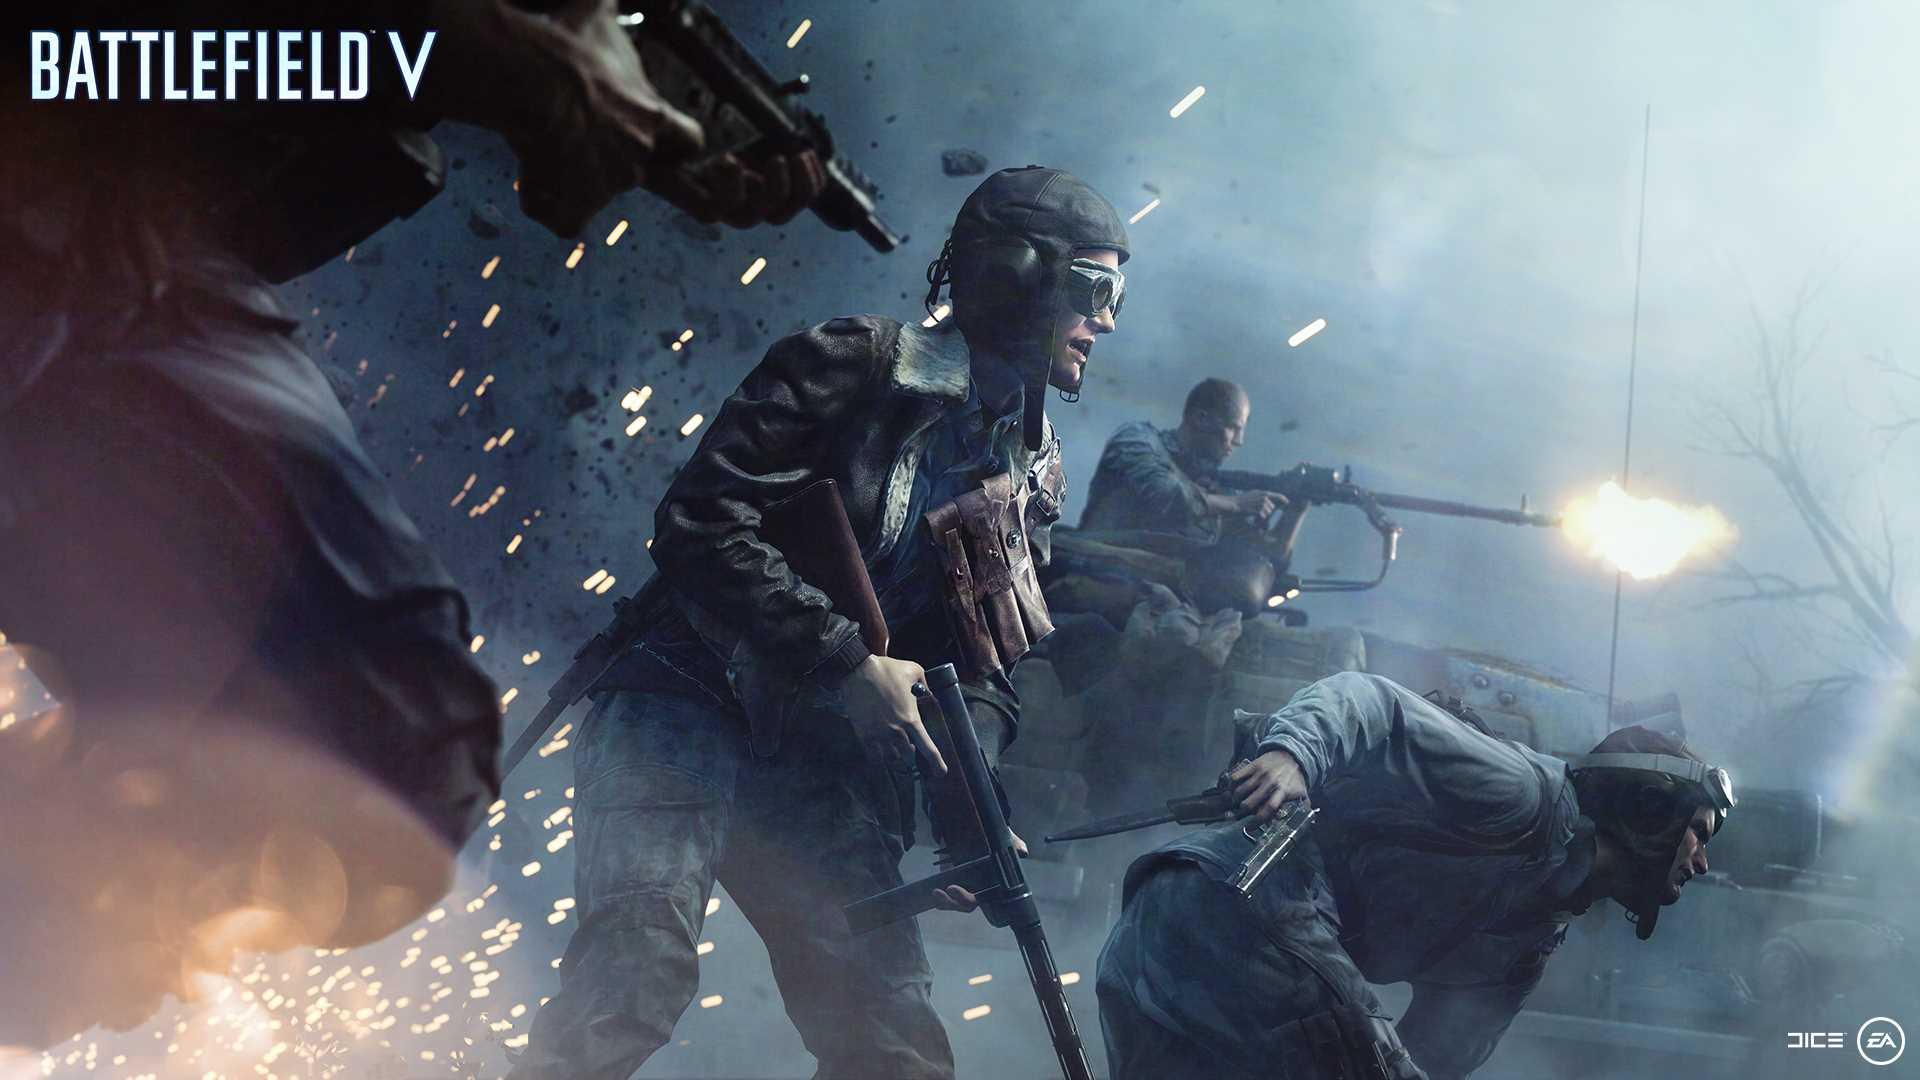 На иллюстрации изображена сцена из игры Battlefield V: бойцы игрока рвутся на поля сражений